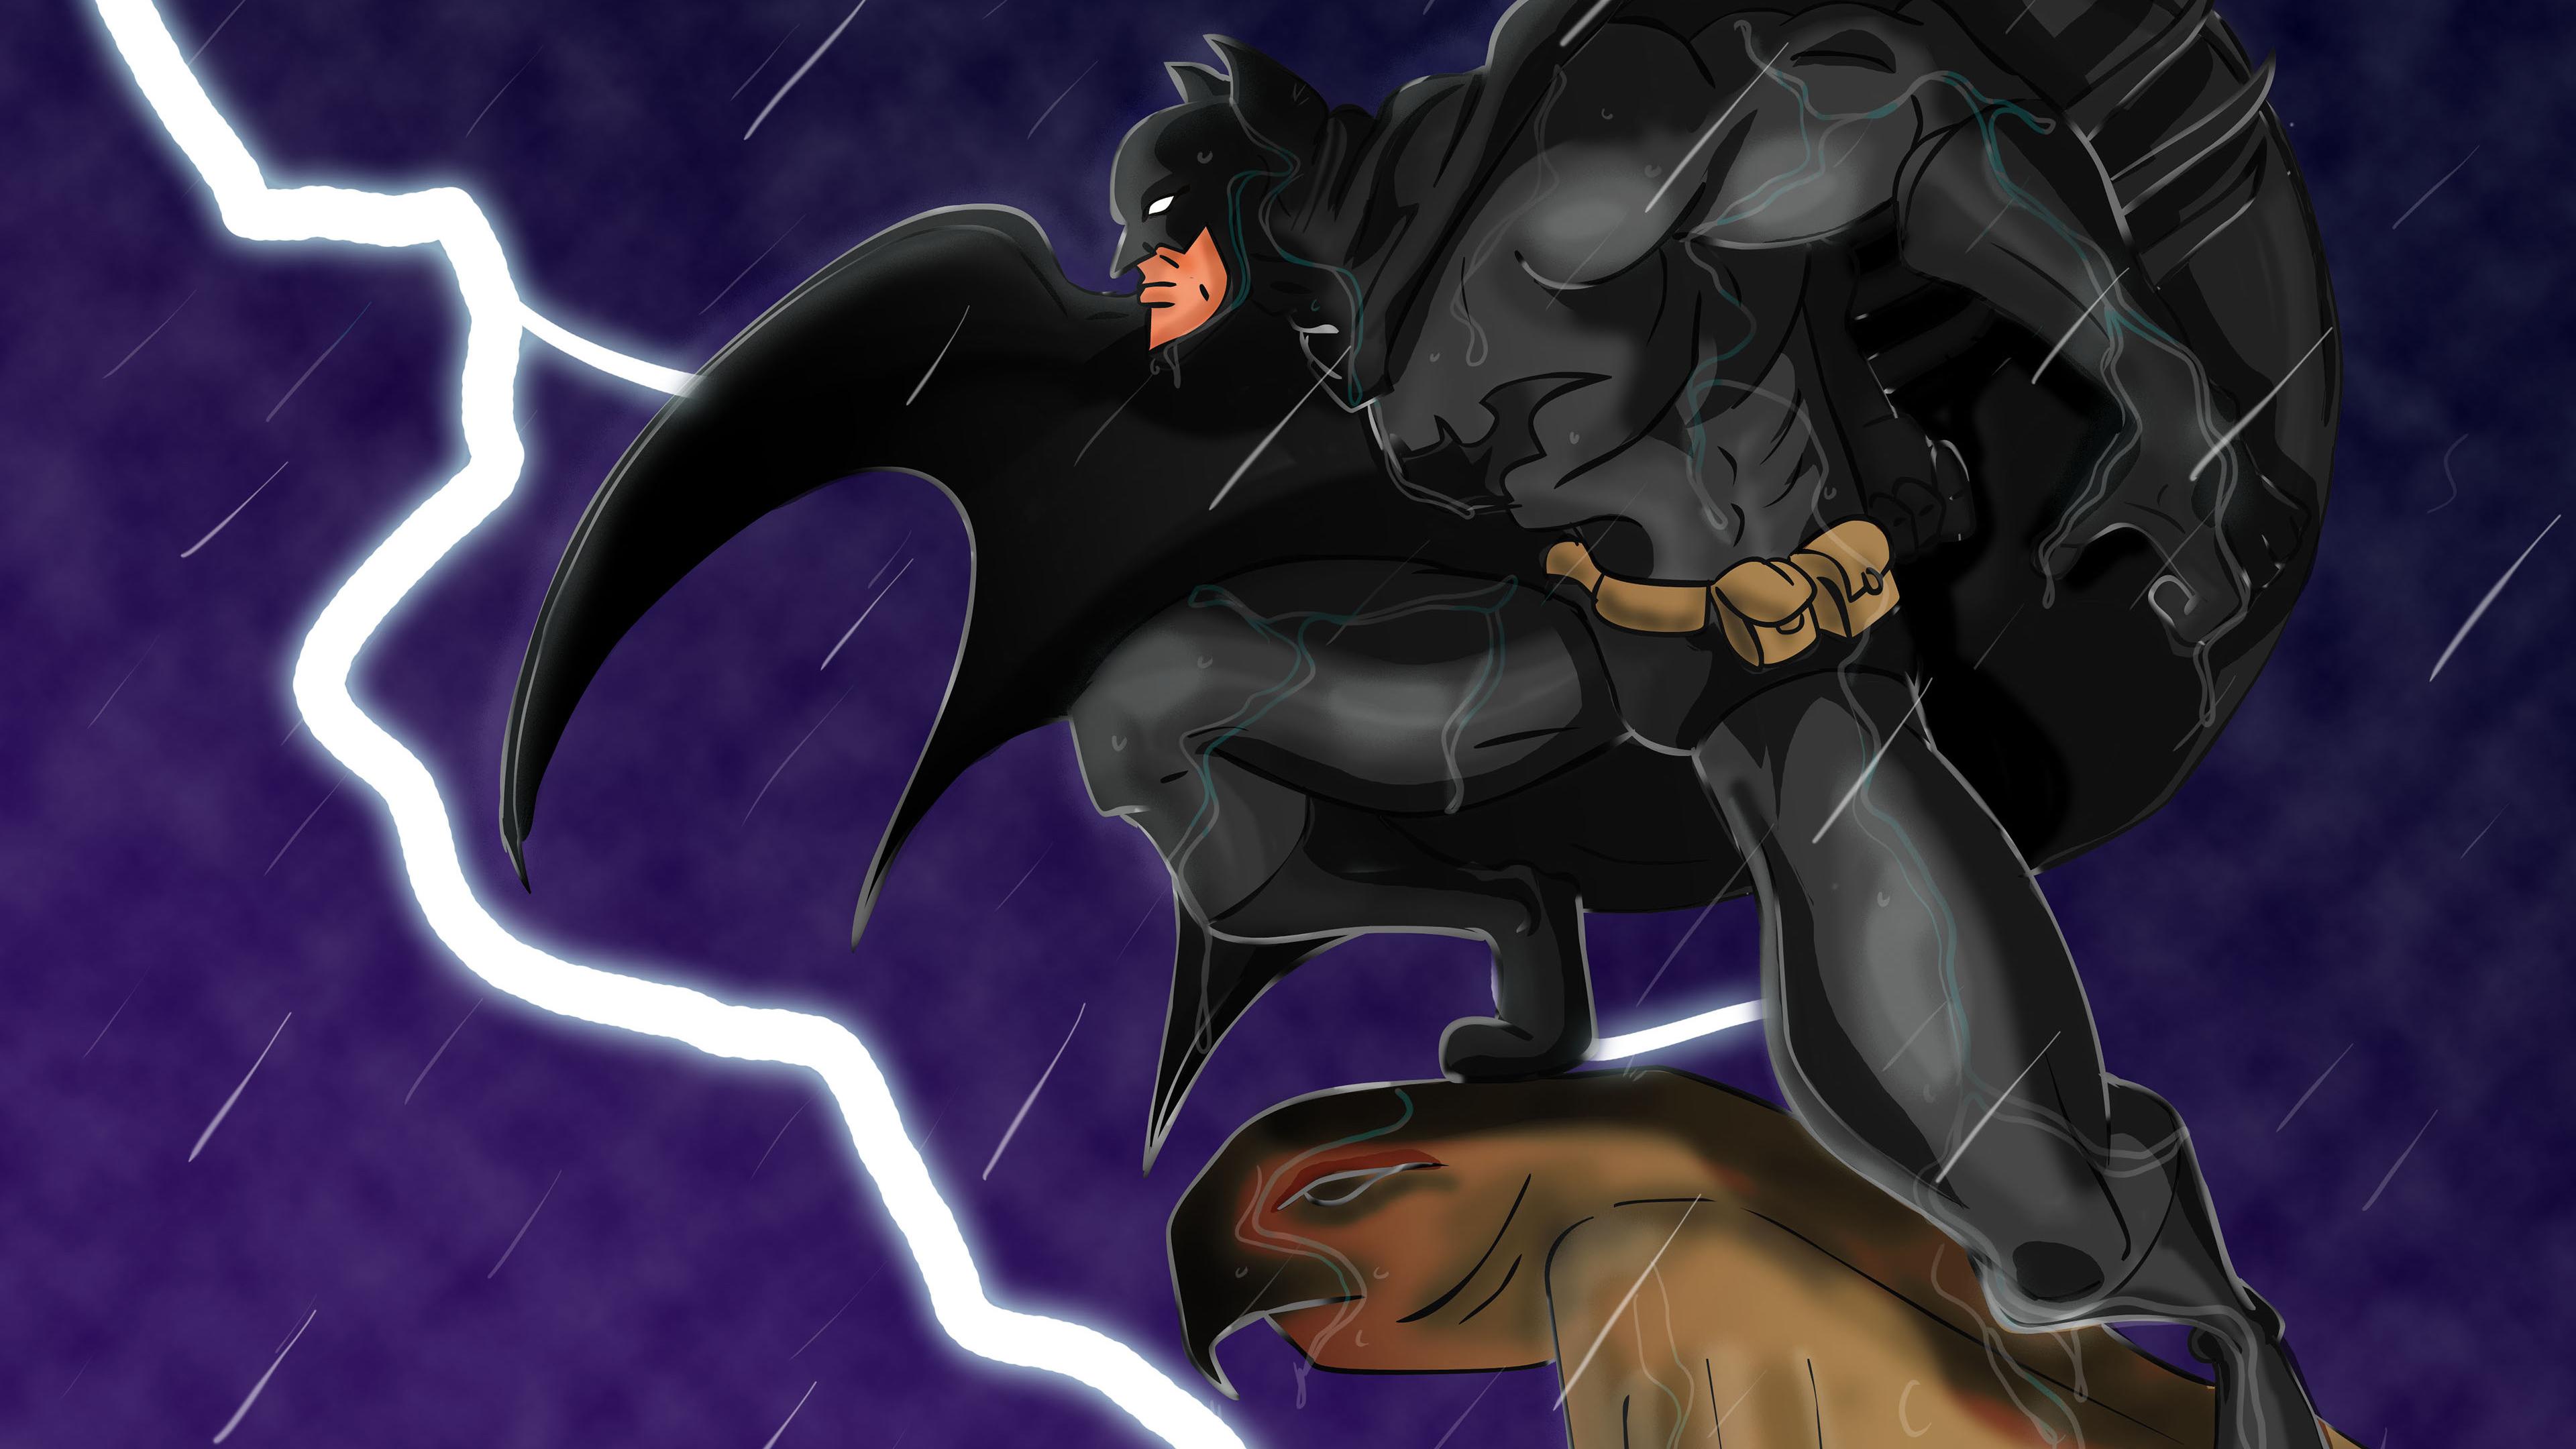 batman dark knight new 4k 1557260298 - Batman Dark Knight New 4k - superheroes wallpapers, hd-wallpapers, digital art wallpapers, behance wallpapers, batman wallpapers, artwork wallpapers, 4k-wallpapers